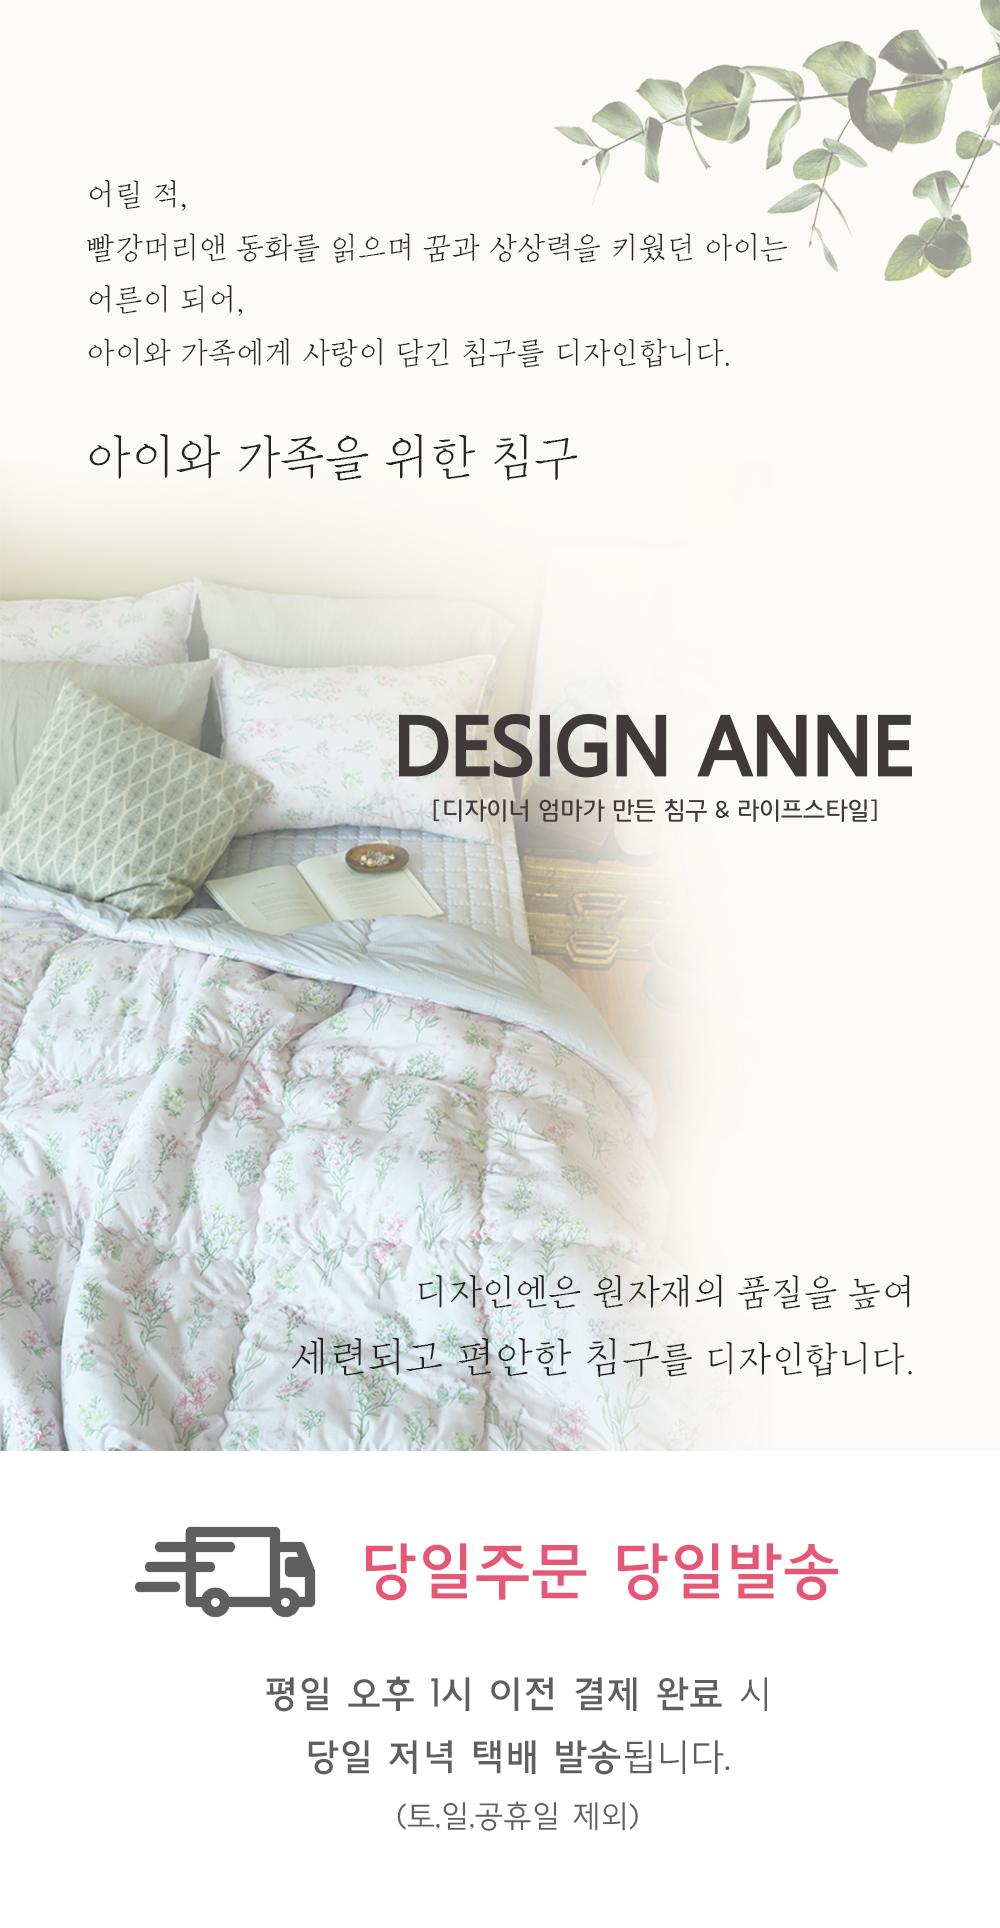 [디자인엔스토리] 알러지케어 엔 낮잠이불 일체형세트(가방형) 양 - 디자인엔, 59,900원, 패브릭/침구, 낮잠이불